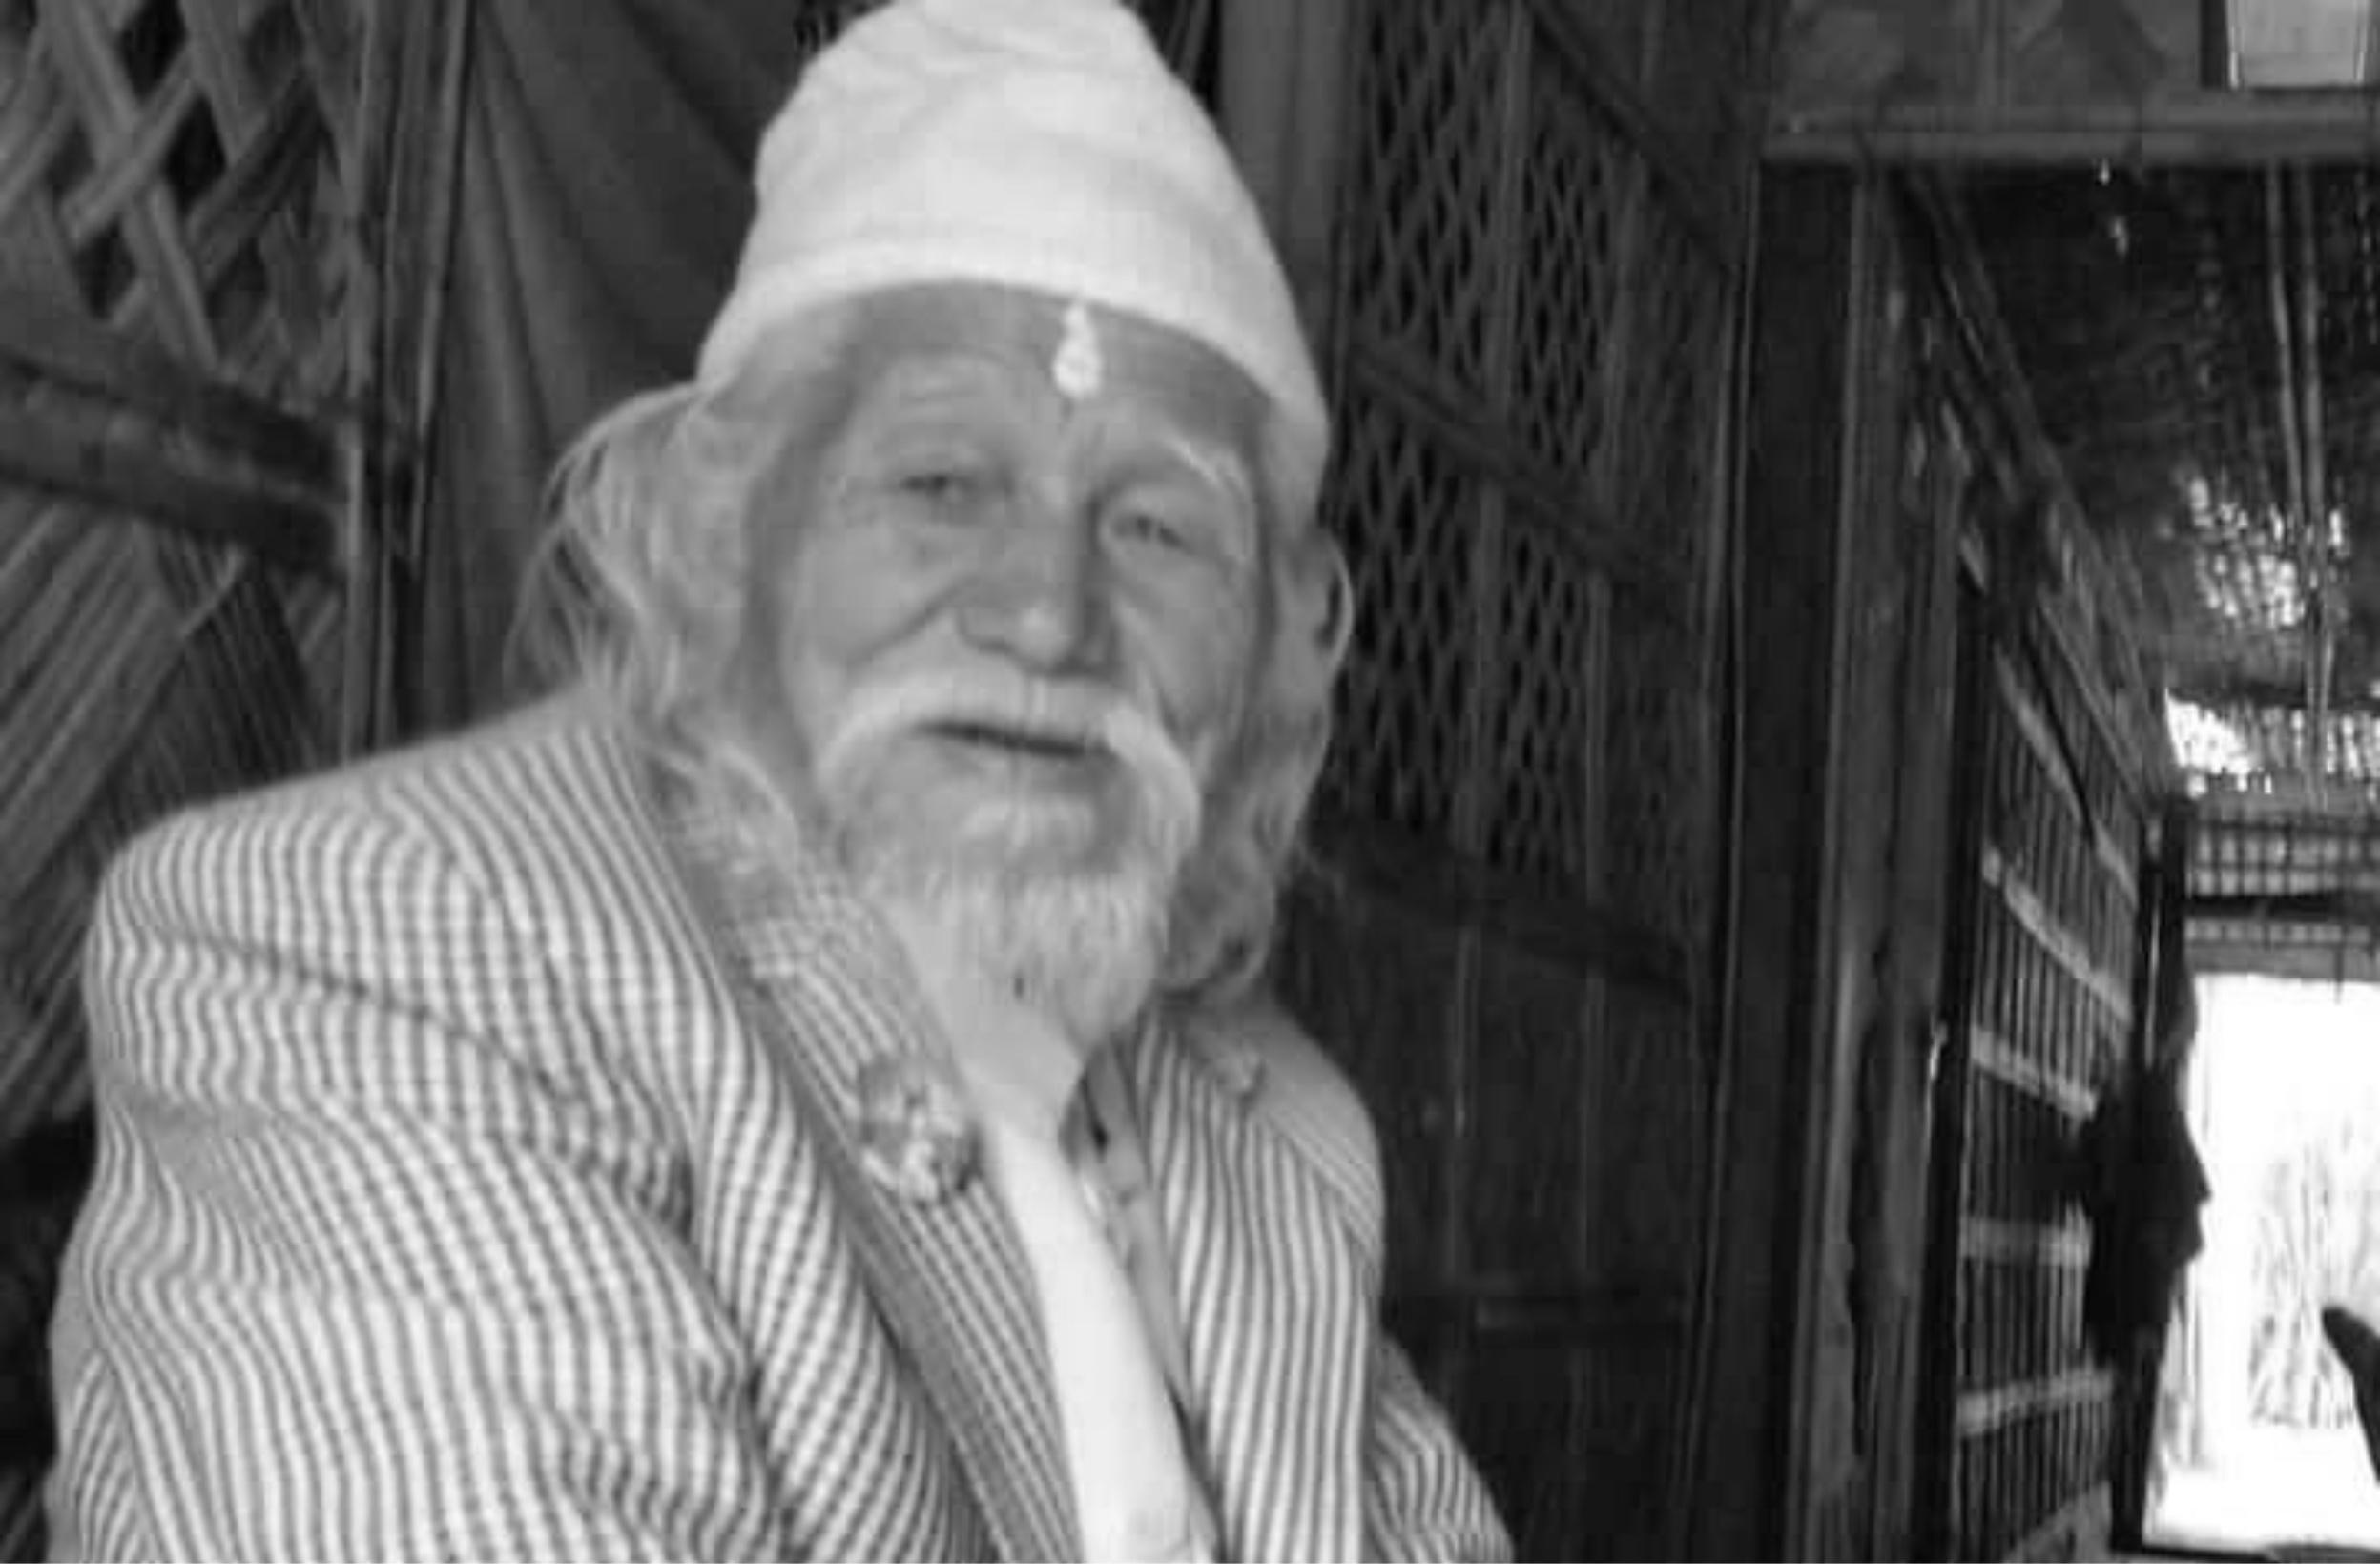 'रानीटारे पुजारी' नरदल फेजङको ७९ वर्षको उमेरमा निधन